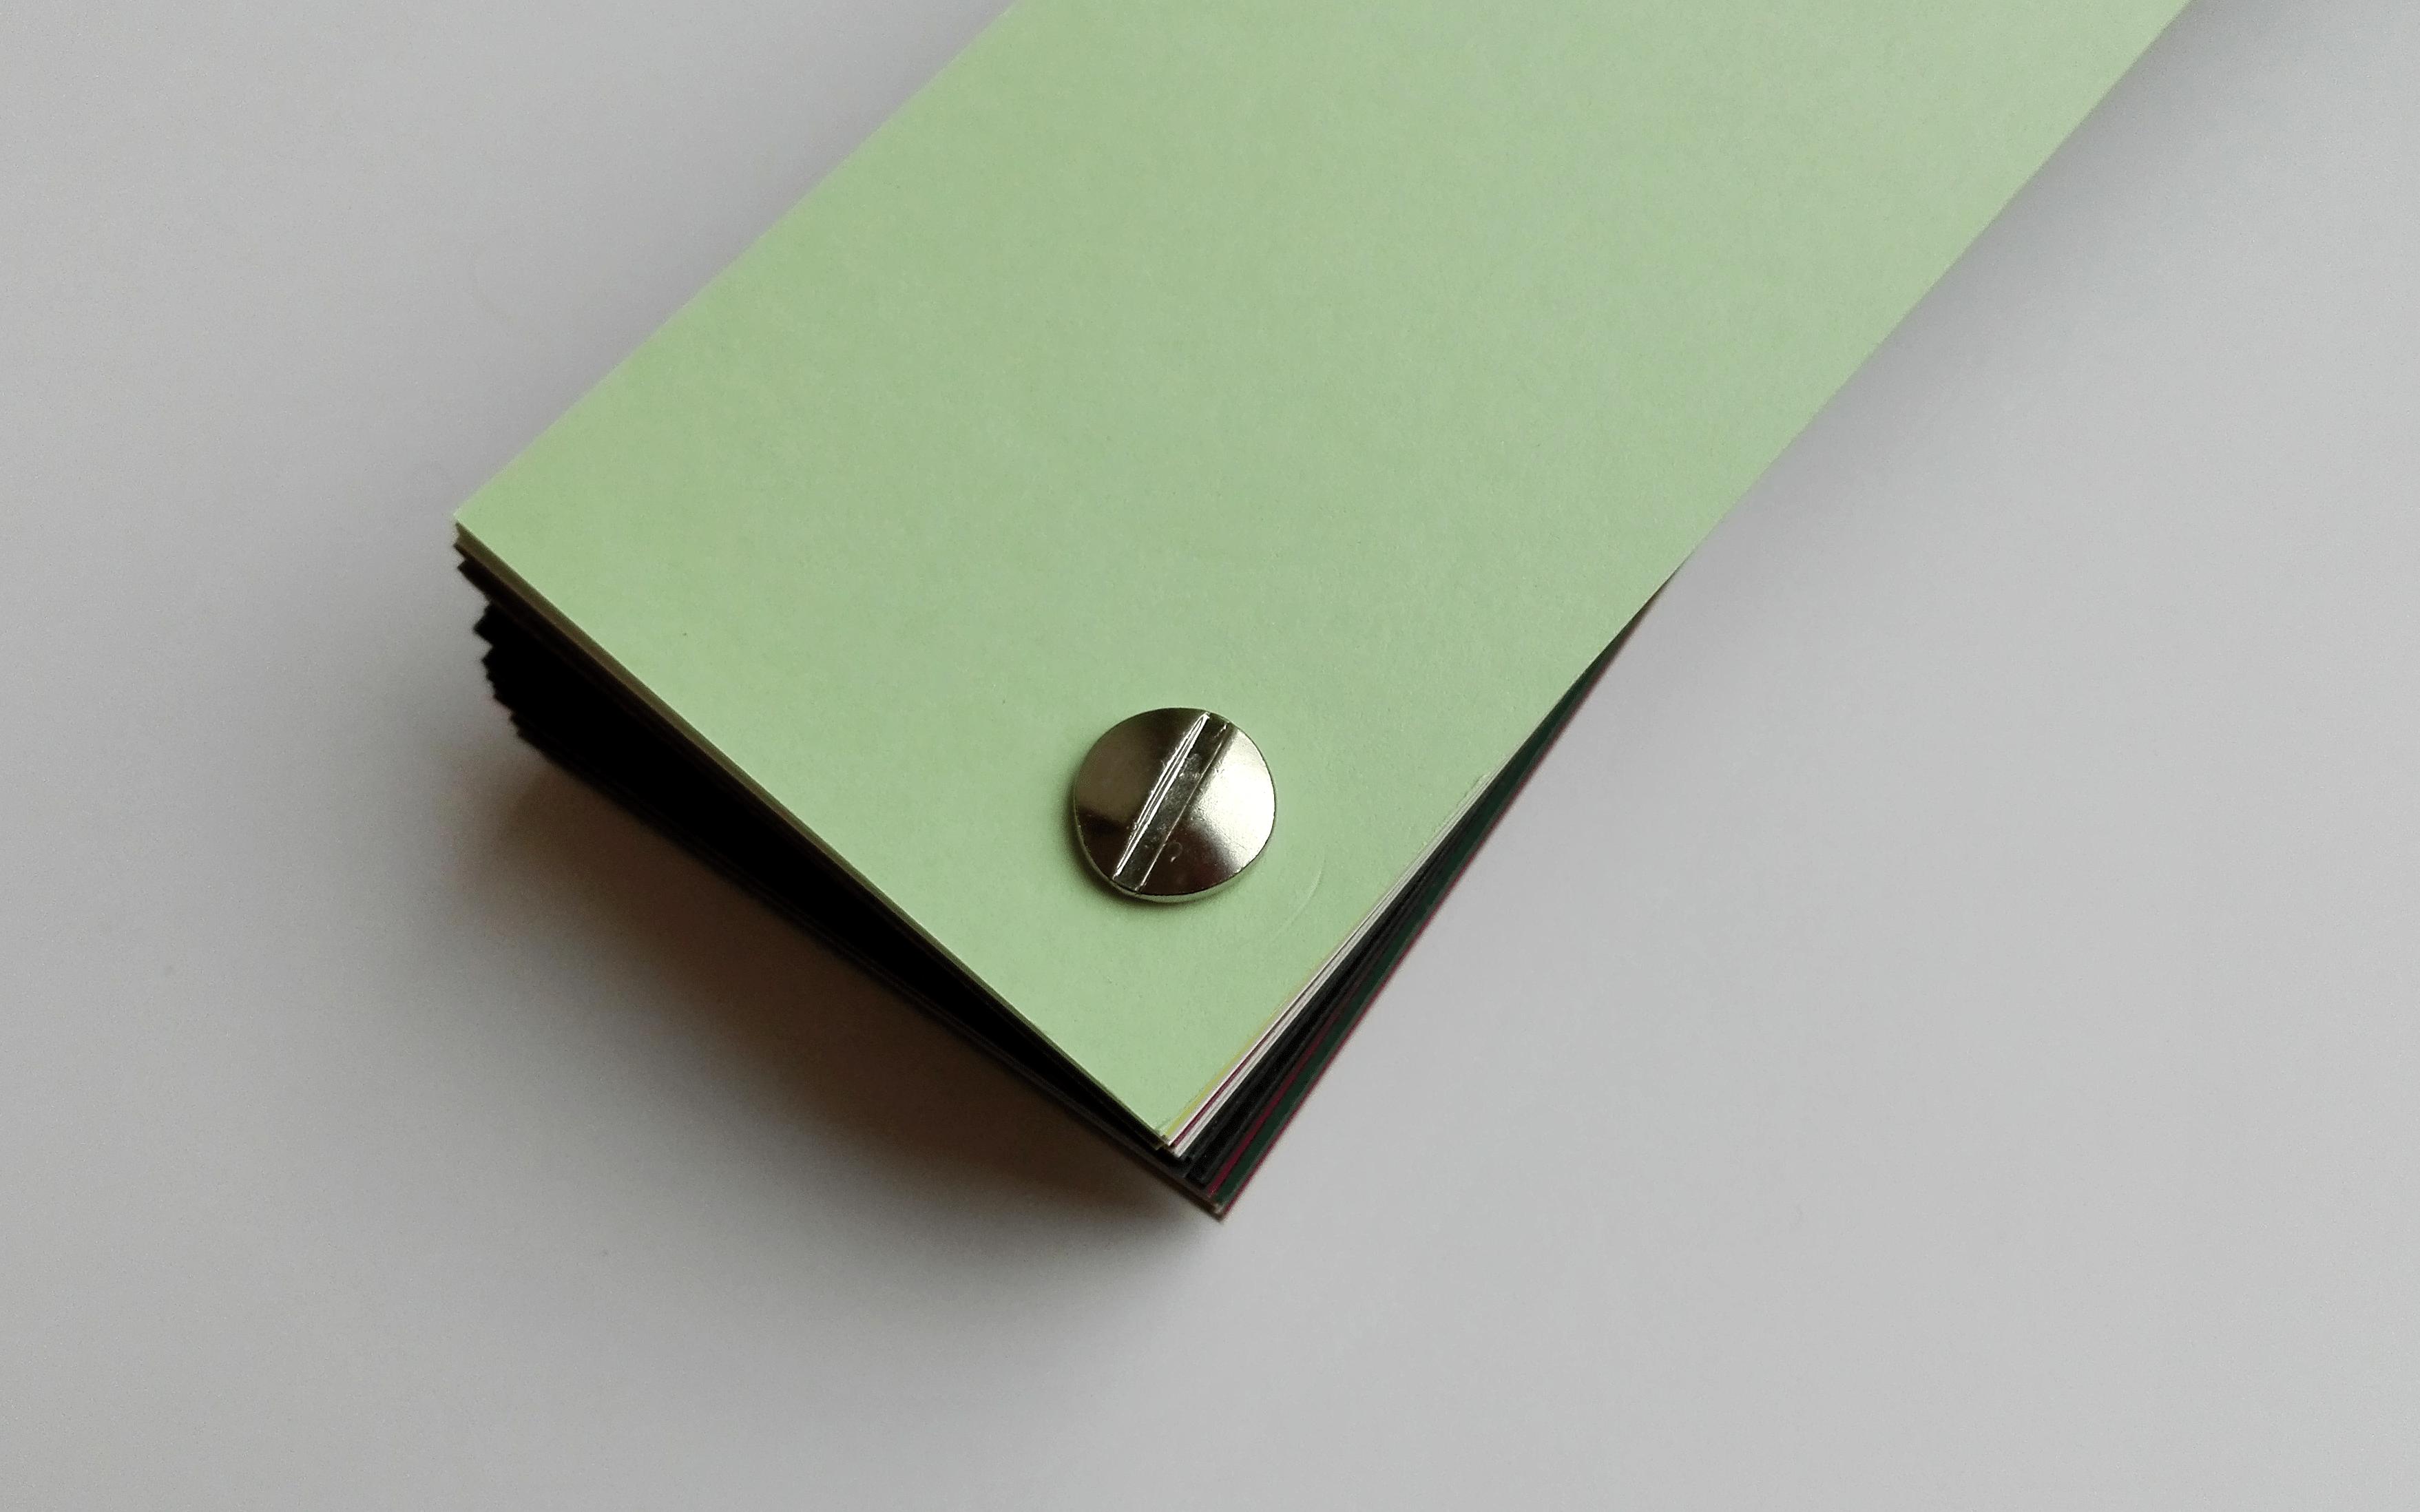 śruby metalowe z wypukłą główką